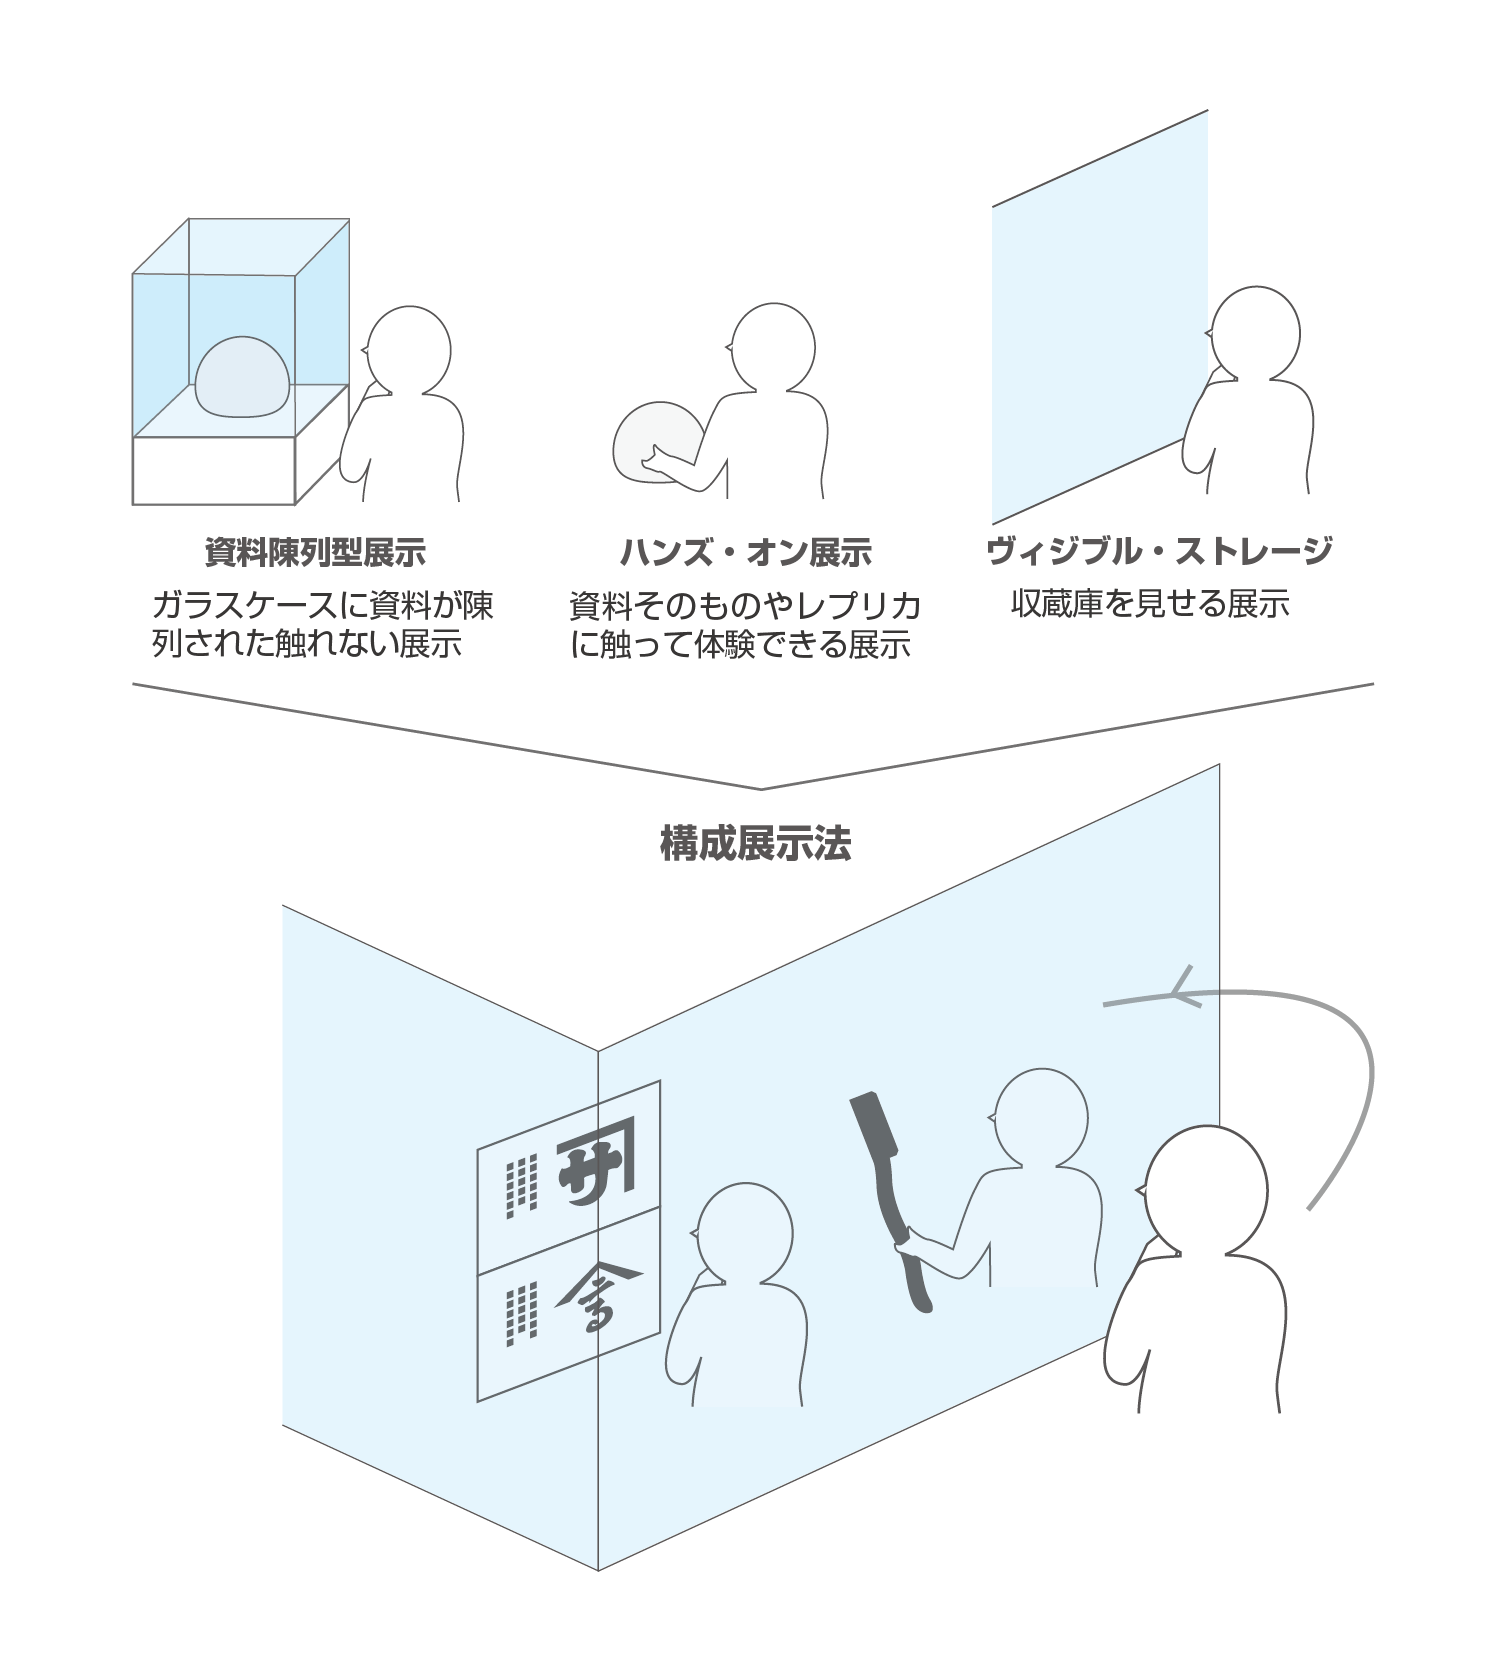 研究テーマとしての「情報ブース」第4弾 Part2_f0228071_17361110.png